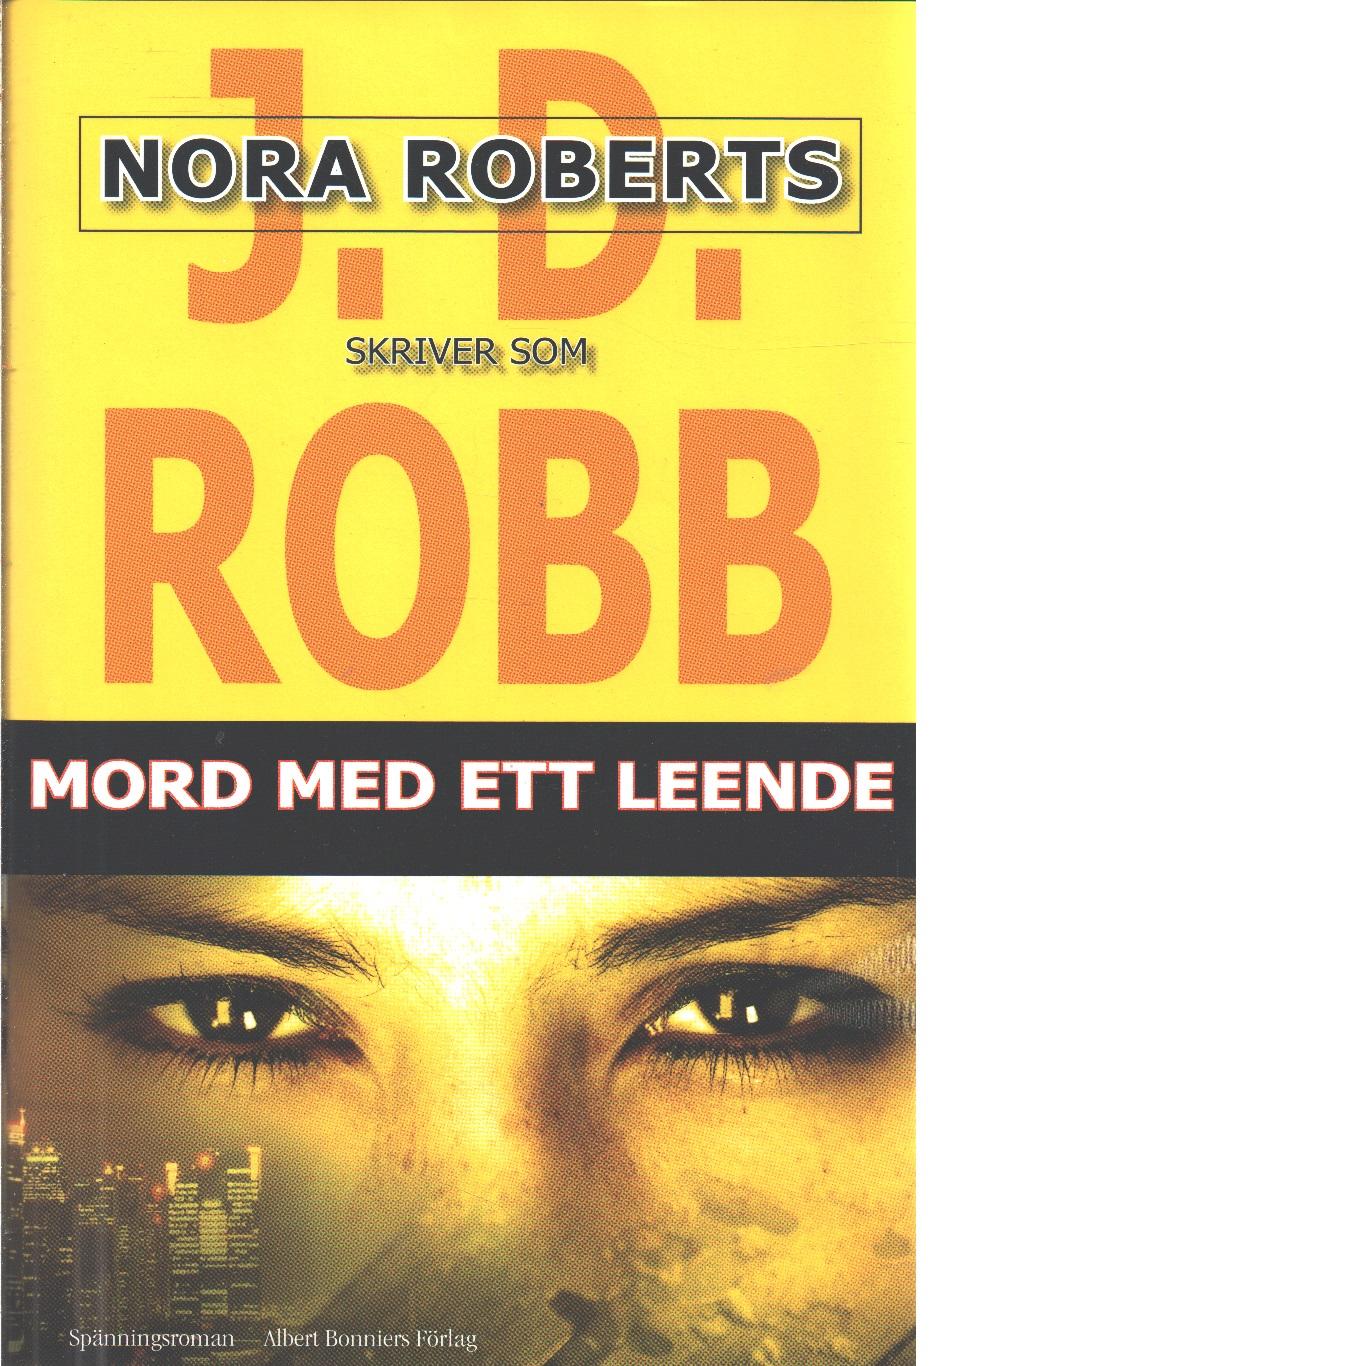 Mord med ett leende  - Robb, J. D